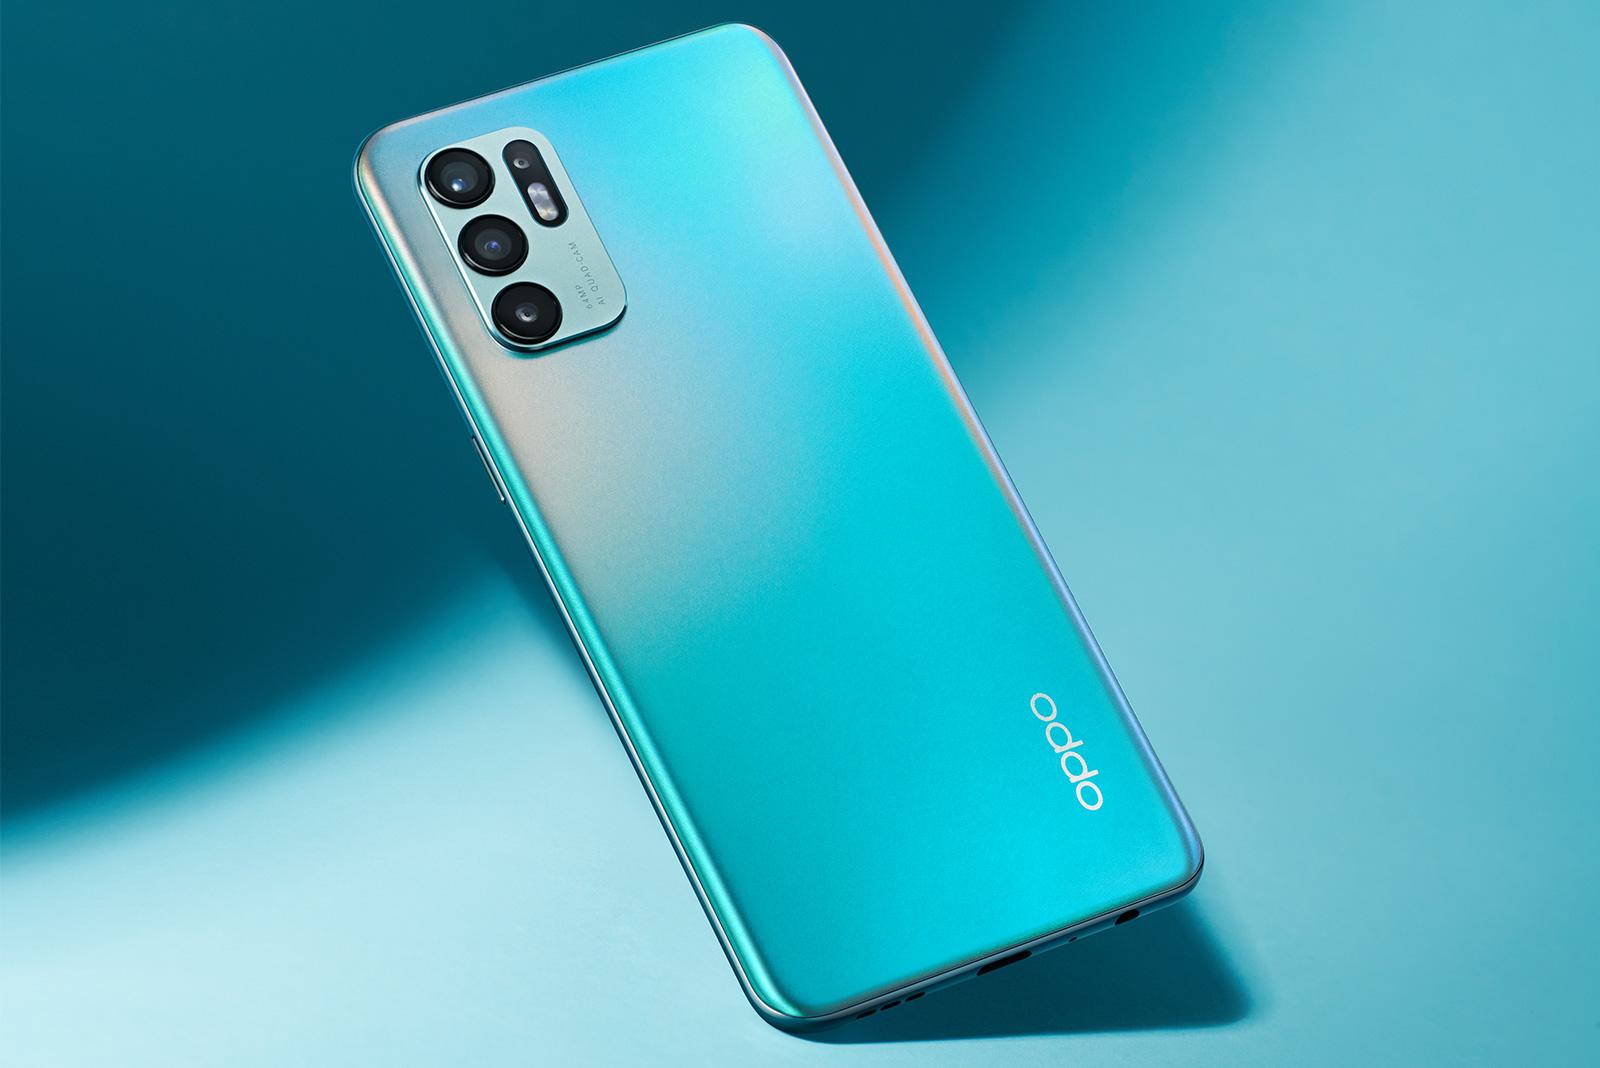 مراجعة كاملة لـ هاتف اوبو Oppo Reno 6 4G مميزات وعيوب